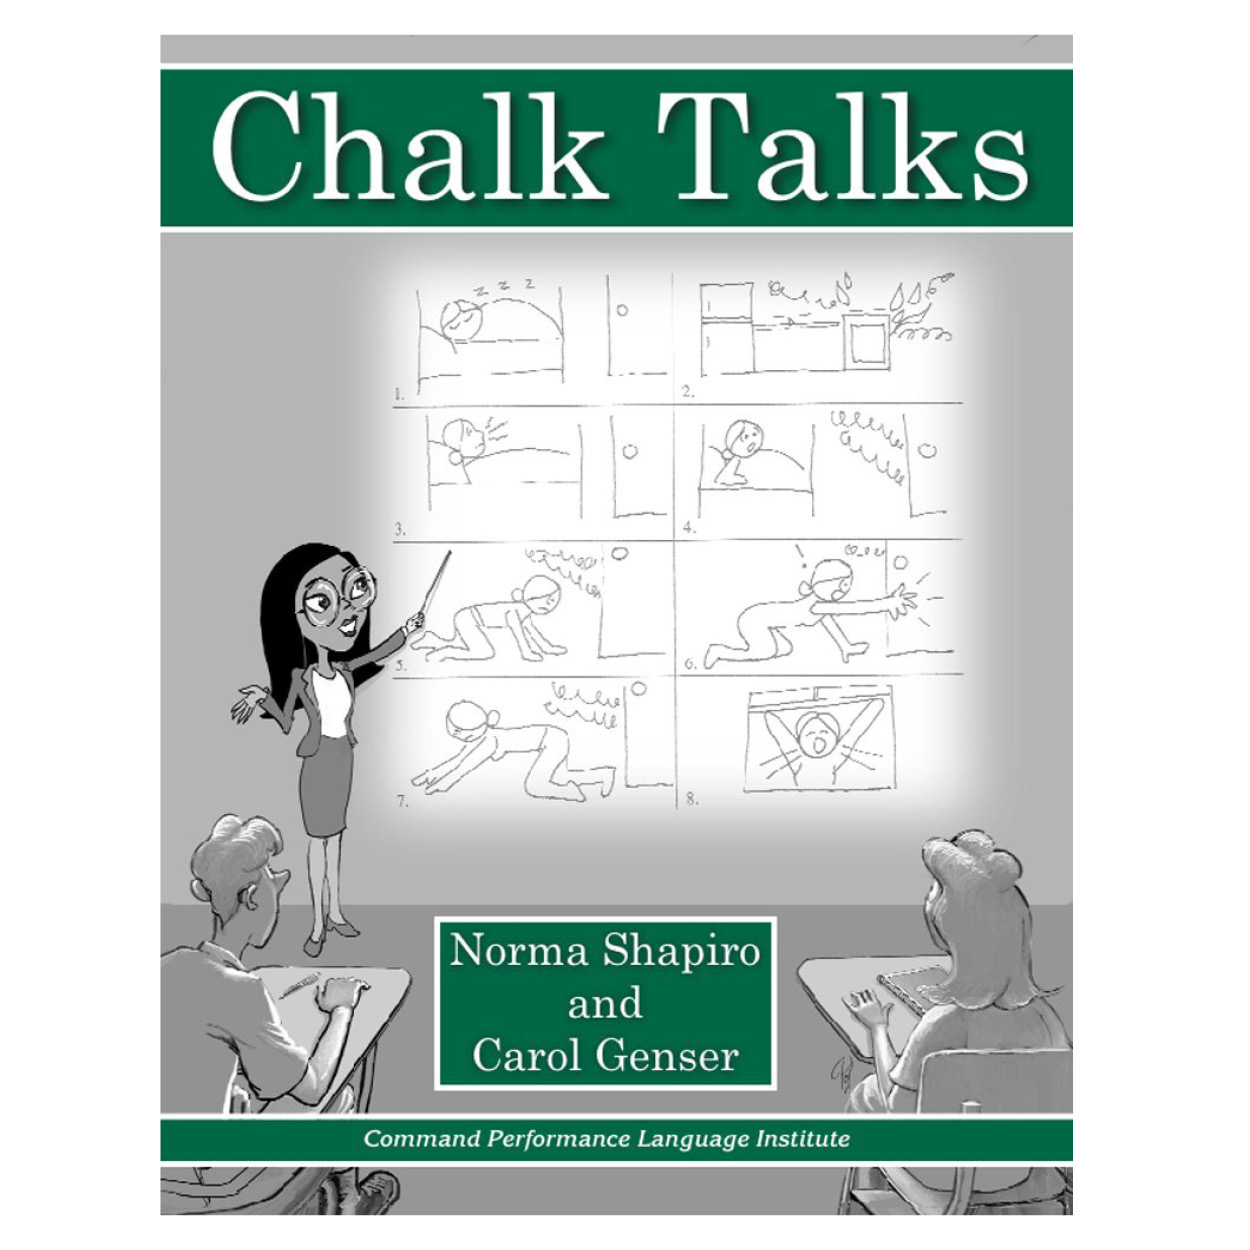 Chalk talks